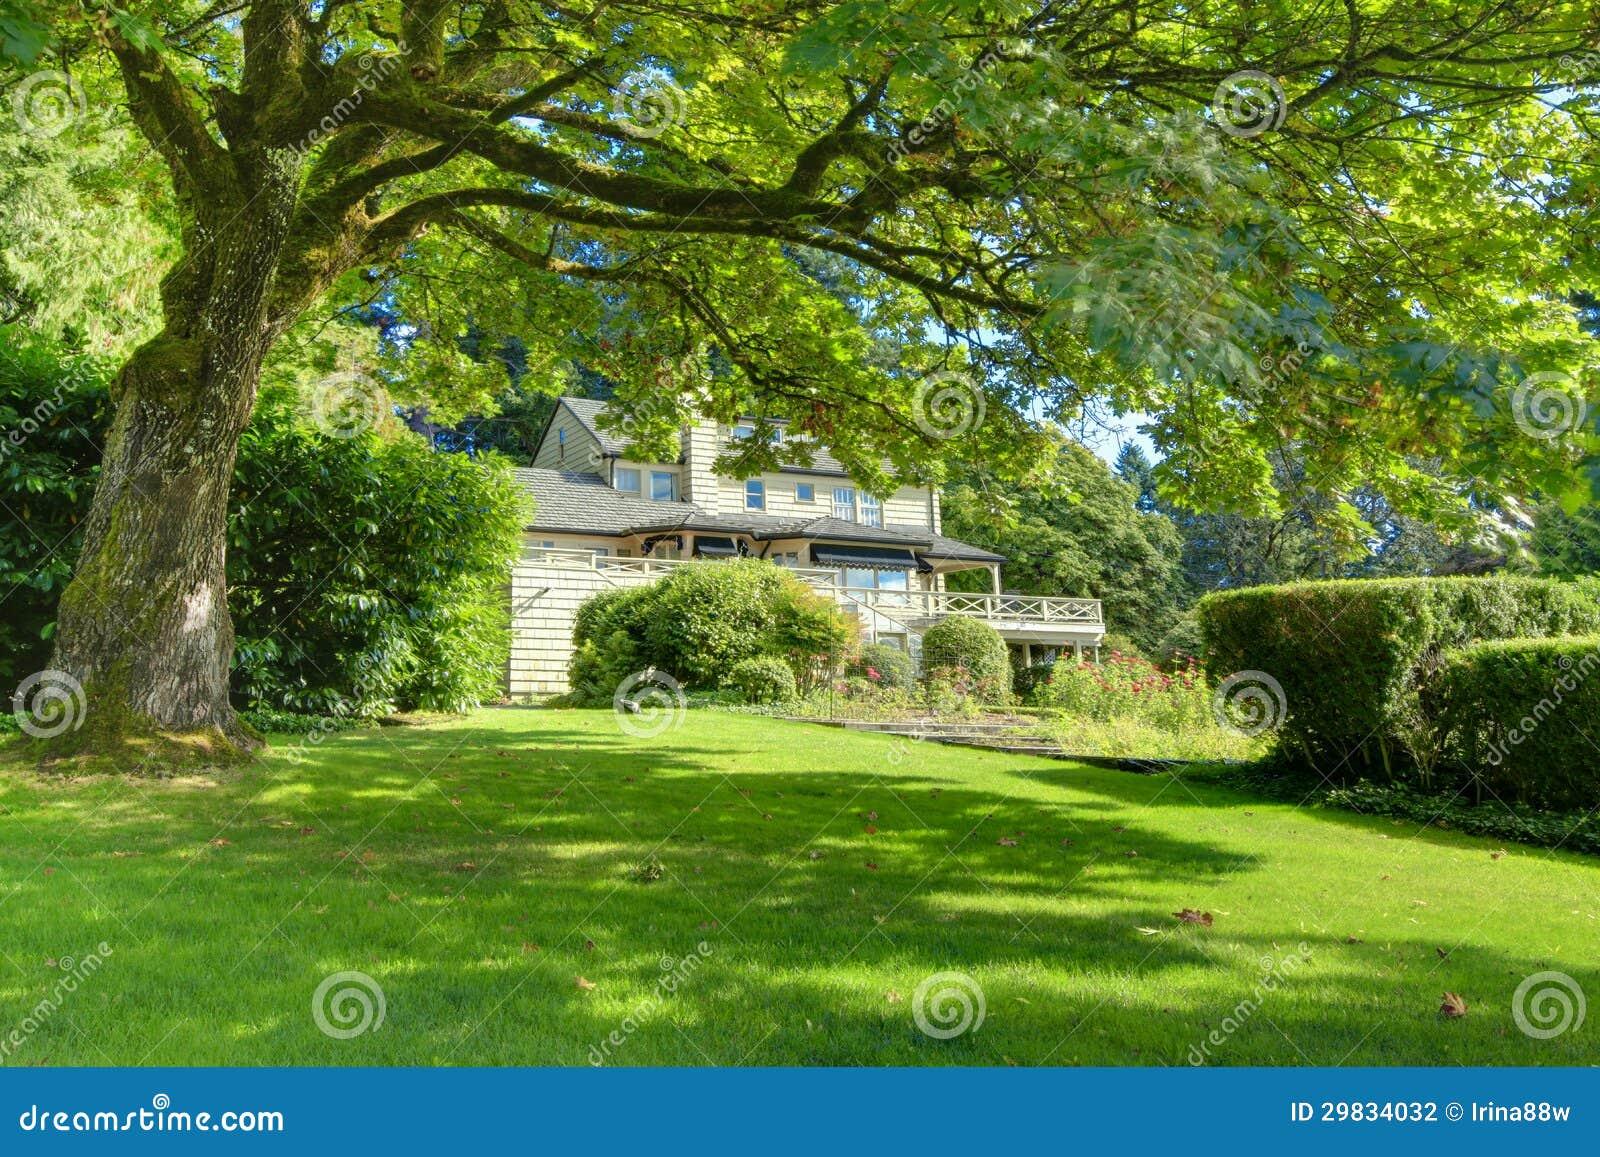 Casa marr n grande exterior con el jard n verde del verano for Arboles ornamentales jardin